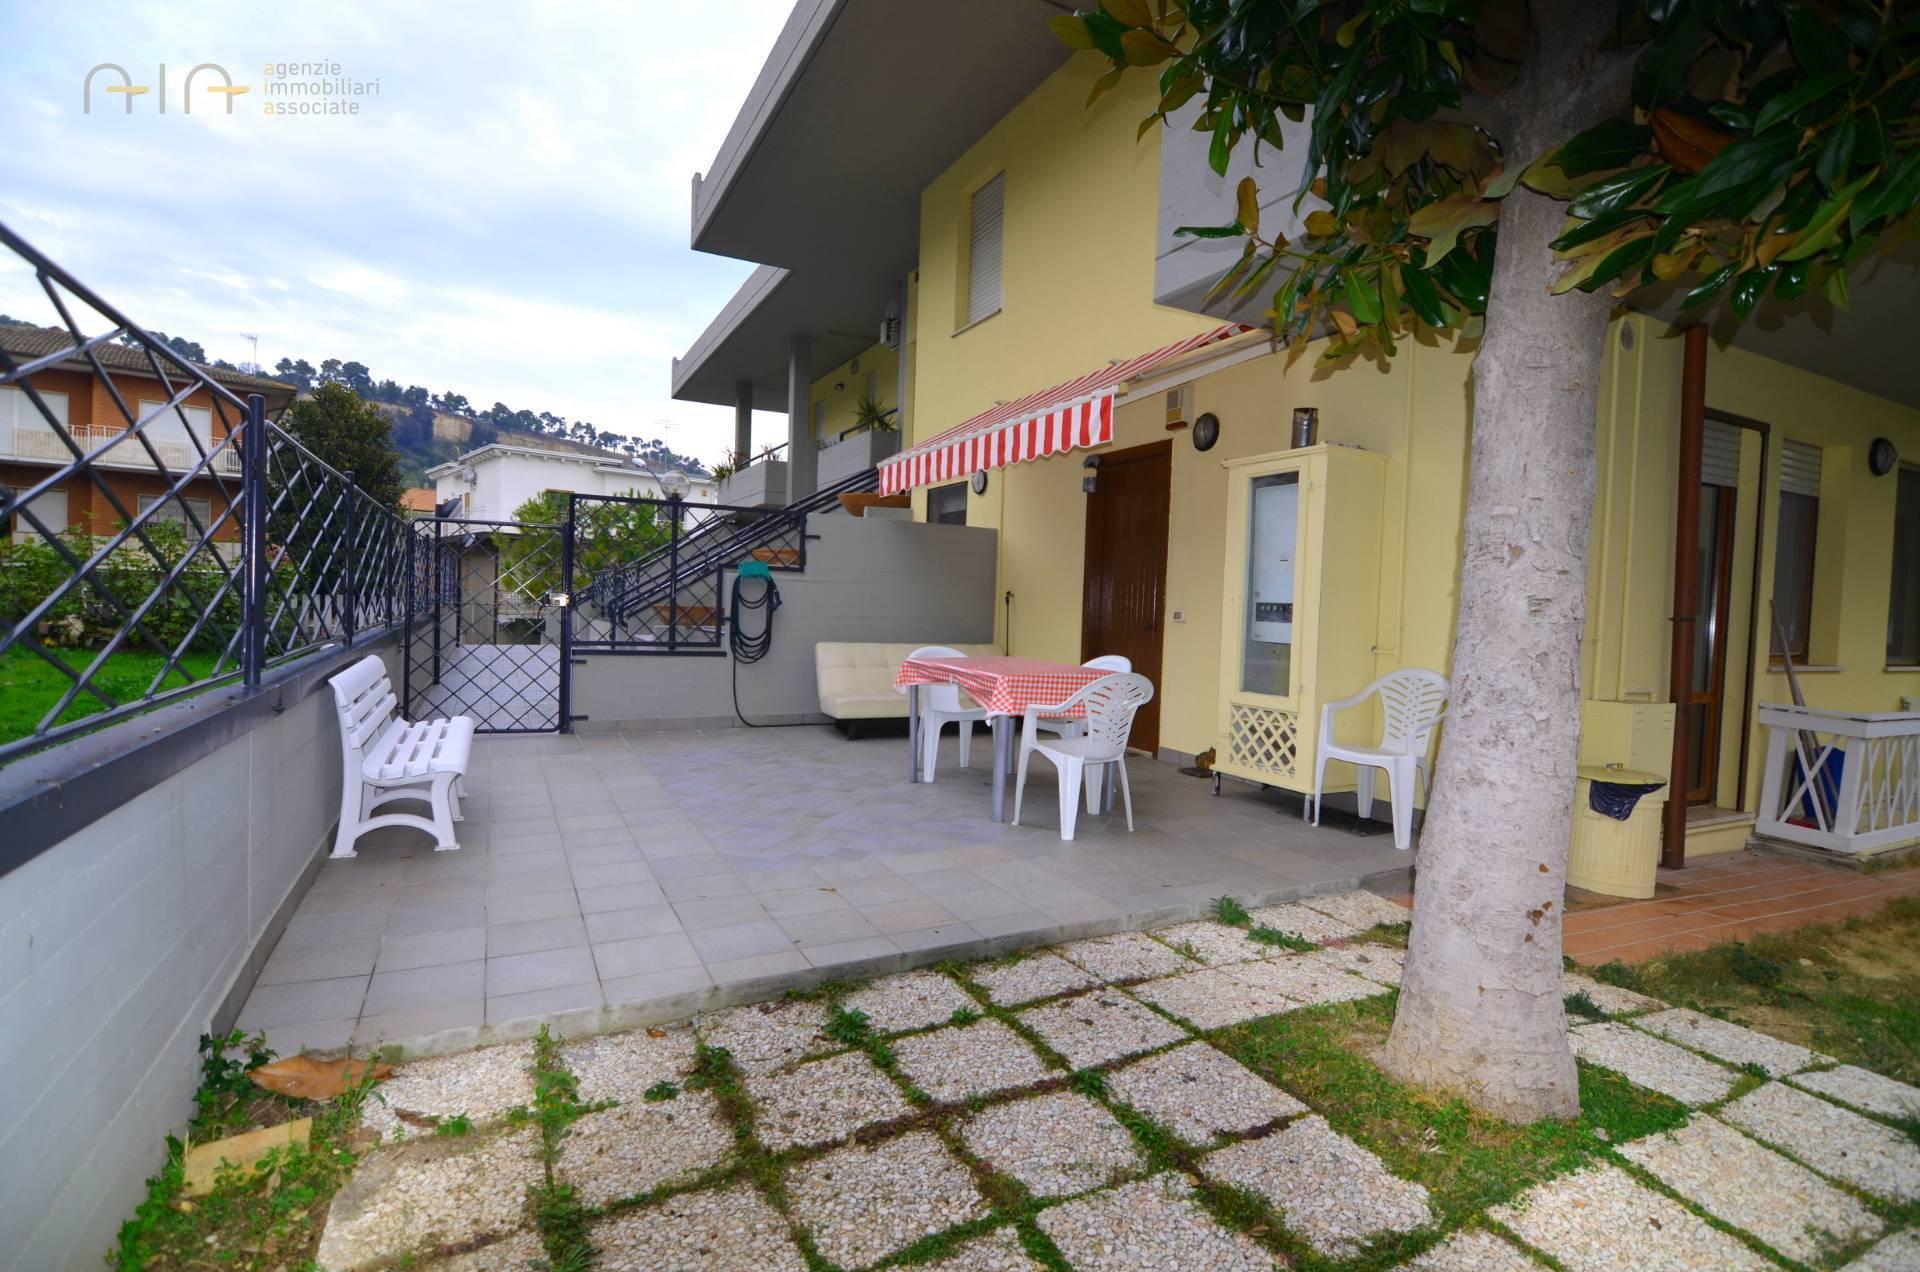 Appartamento in vendita a Grottammare, 3 locali, zona Località: Residenzialenord(sopraLass16,anorddelTesino, prezzo € 185.000 | PortaleAgenzieImmobiliari.it